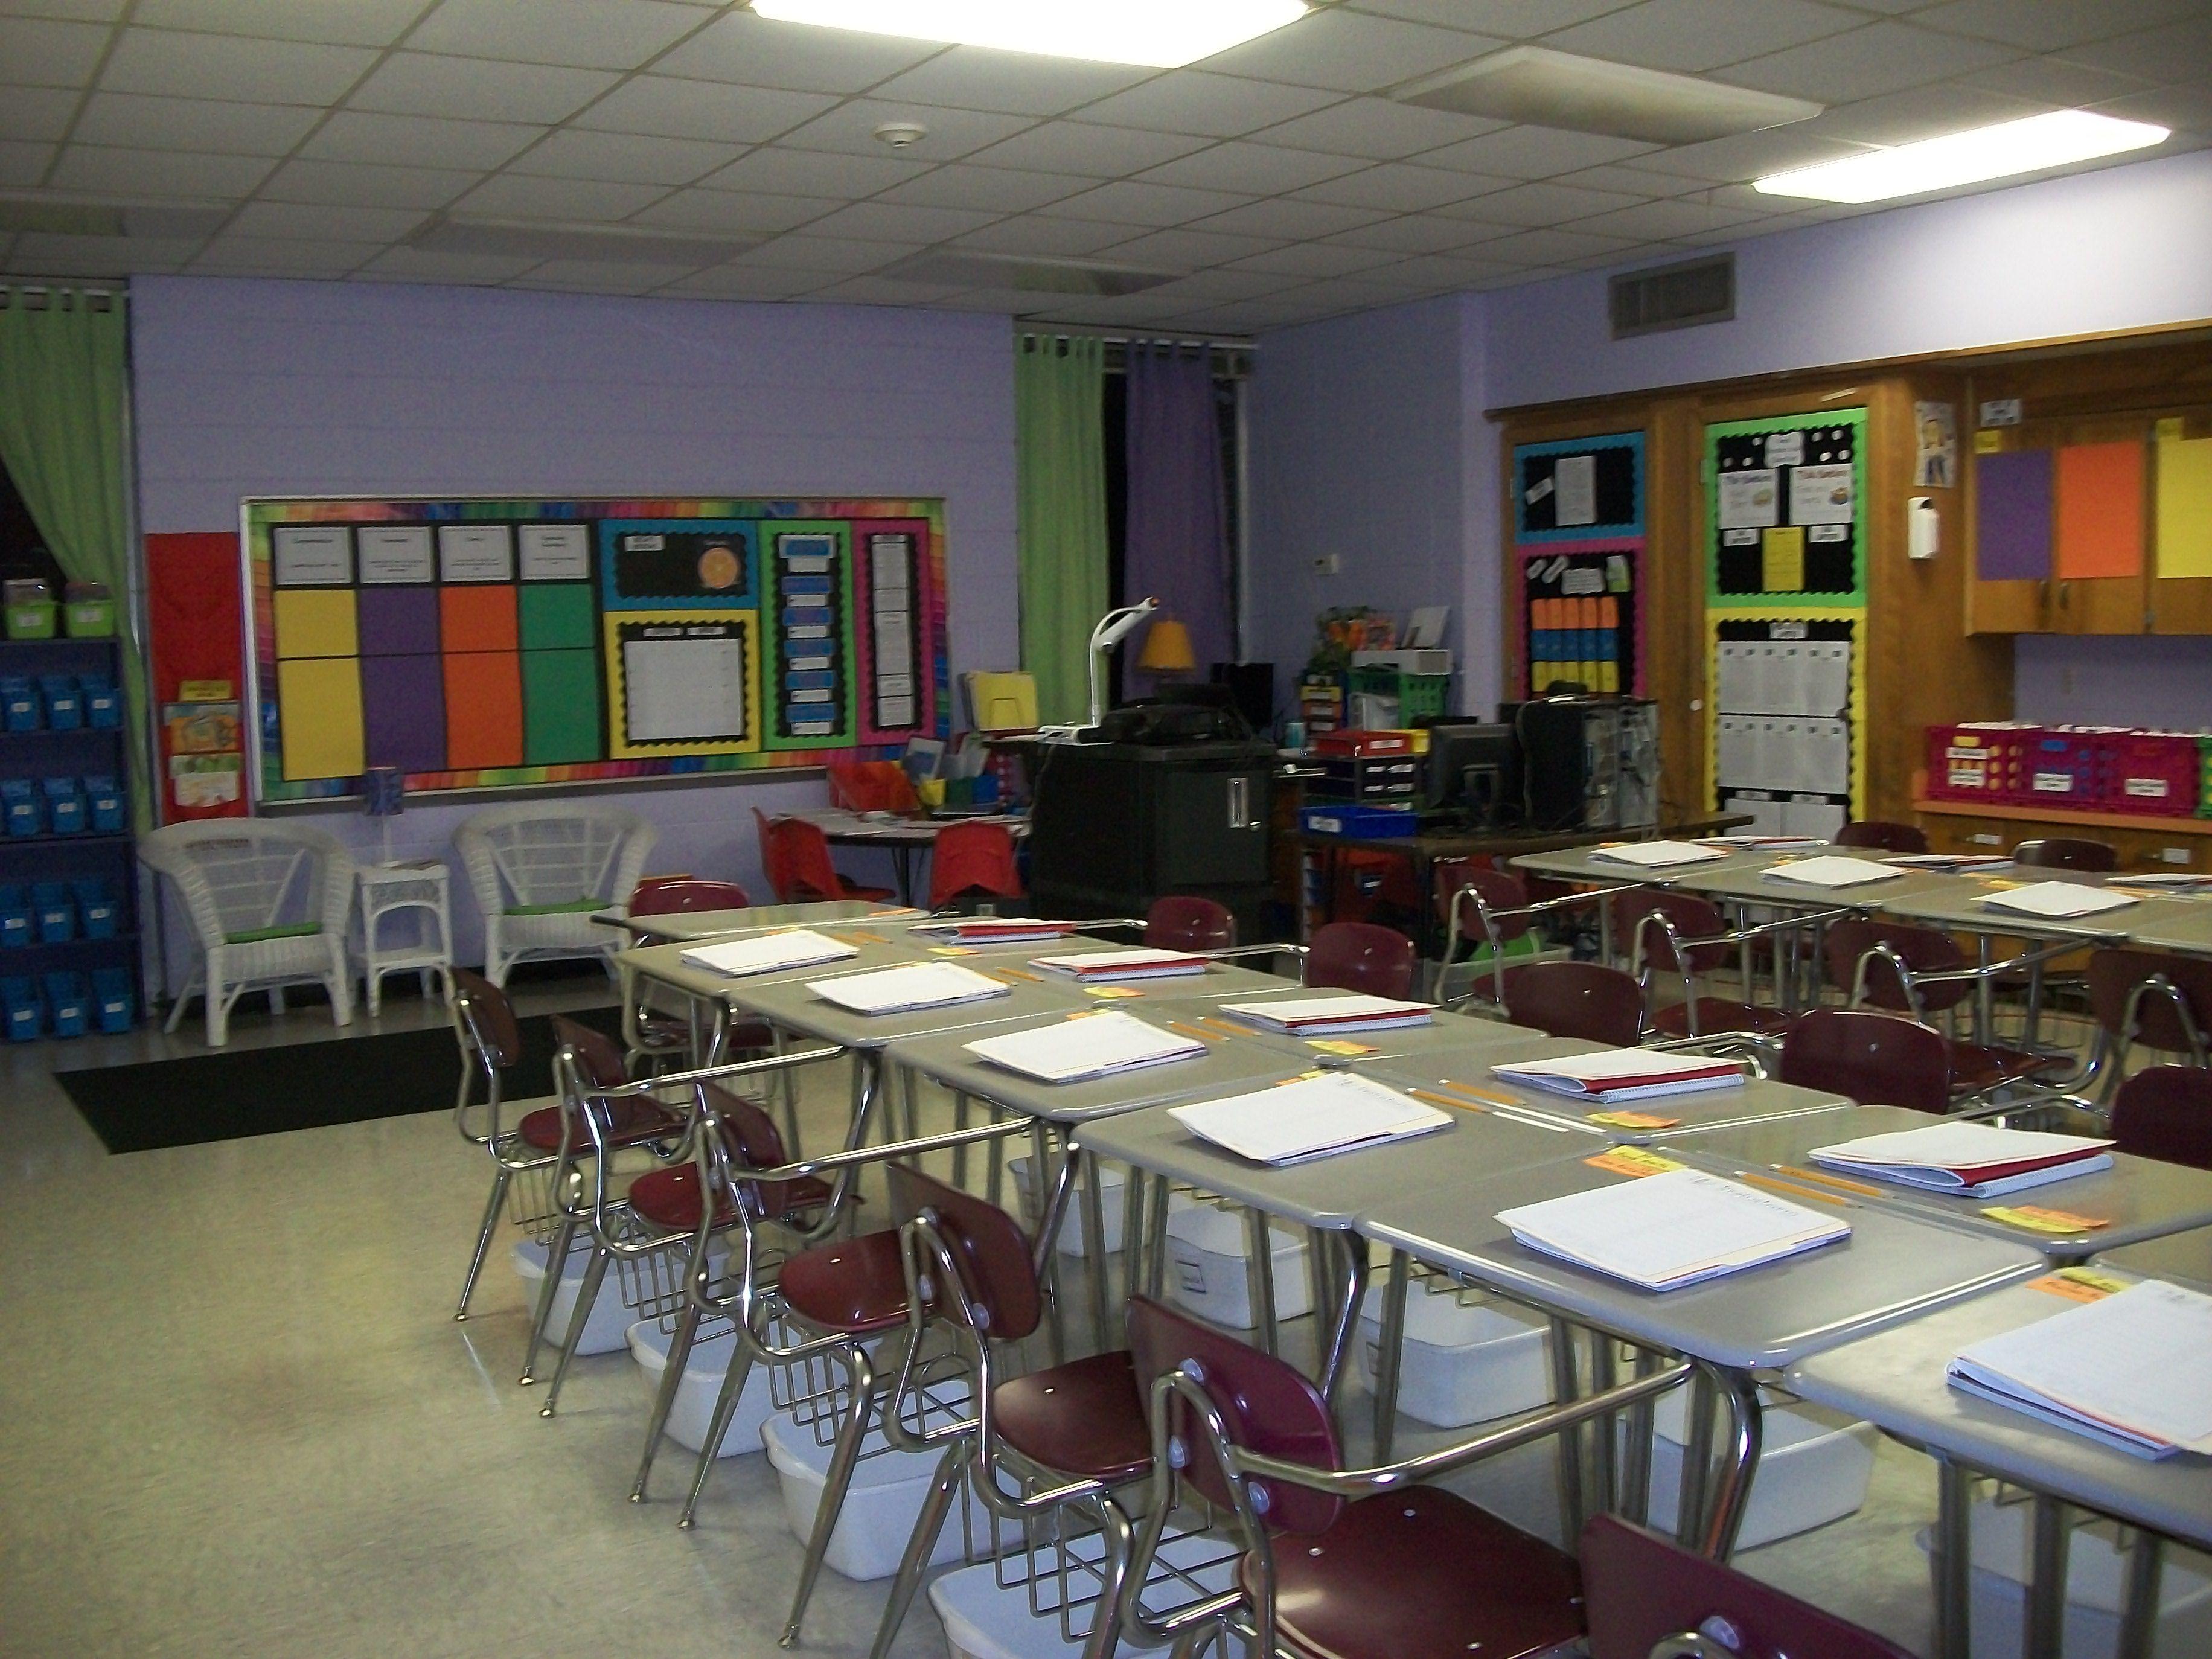 Classroomready 018 3 664 2 748 Pixels